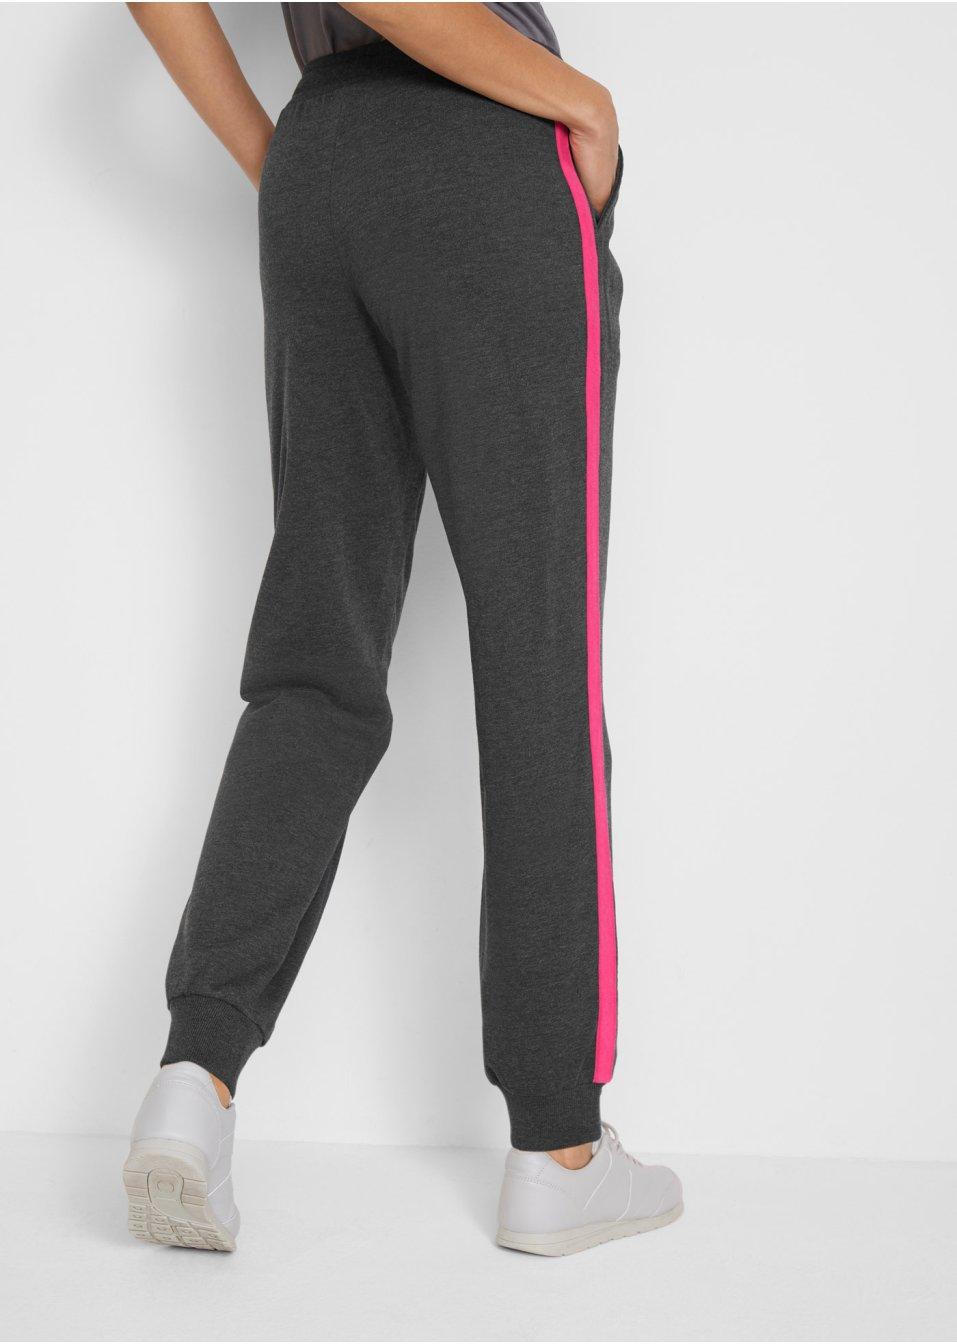 Mode Femme Vêtements DJLfdOFlkj Pantalon de jogging, niveau 1 noir/fuchsia foncé chiné bpc  collection acheter online .fr